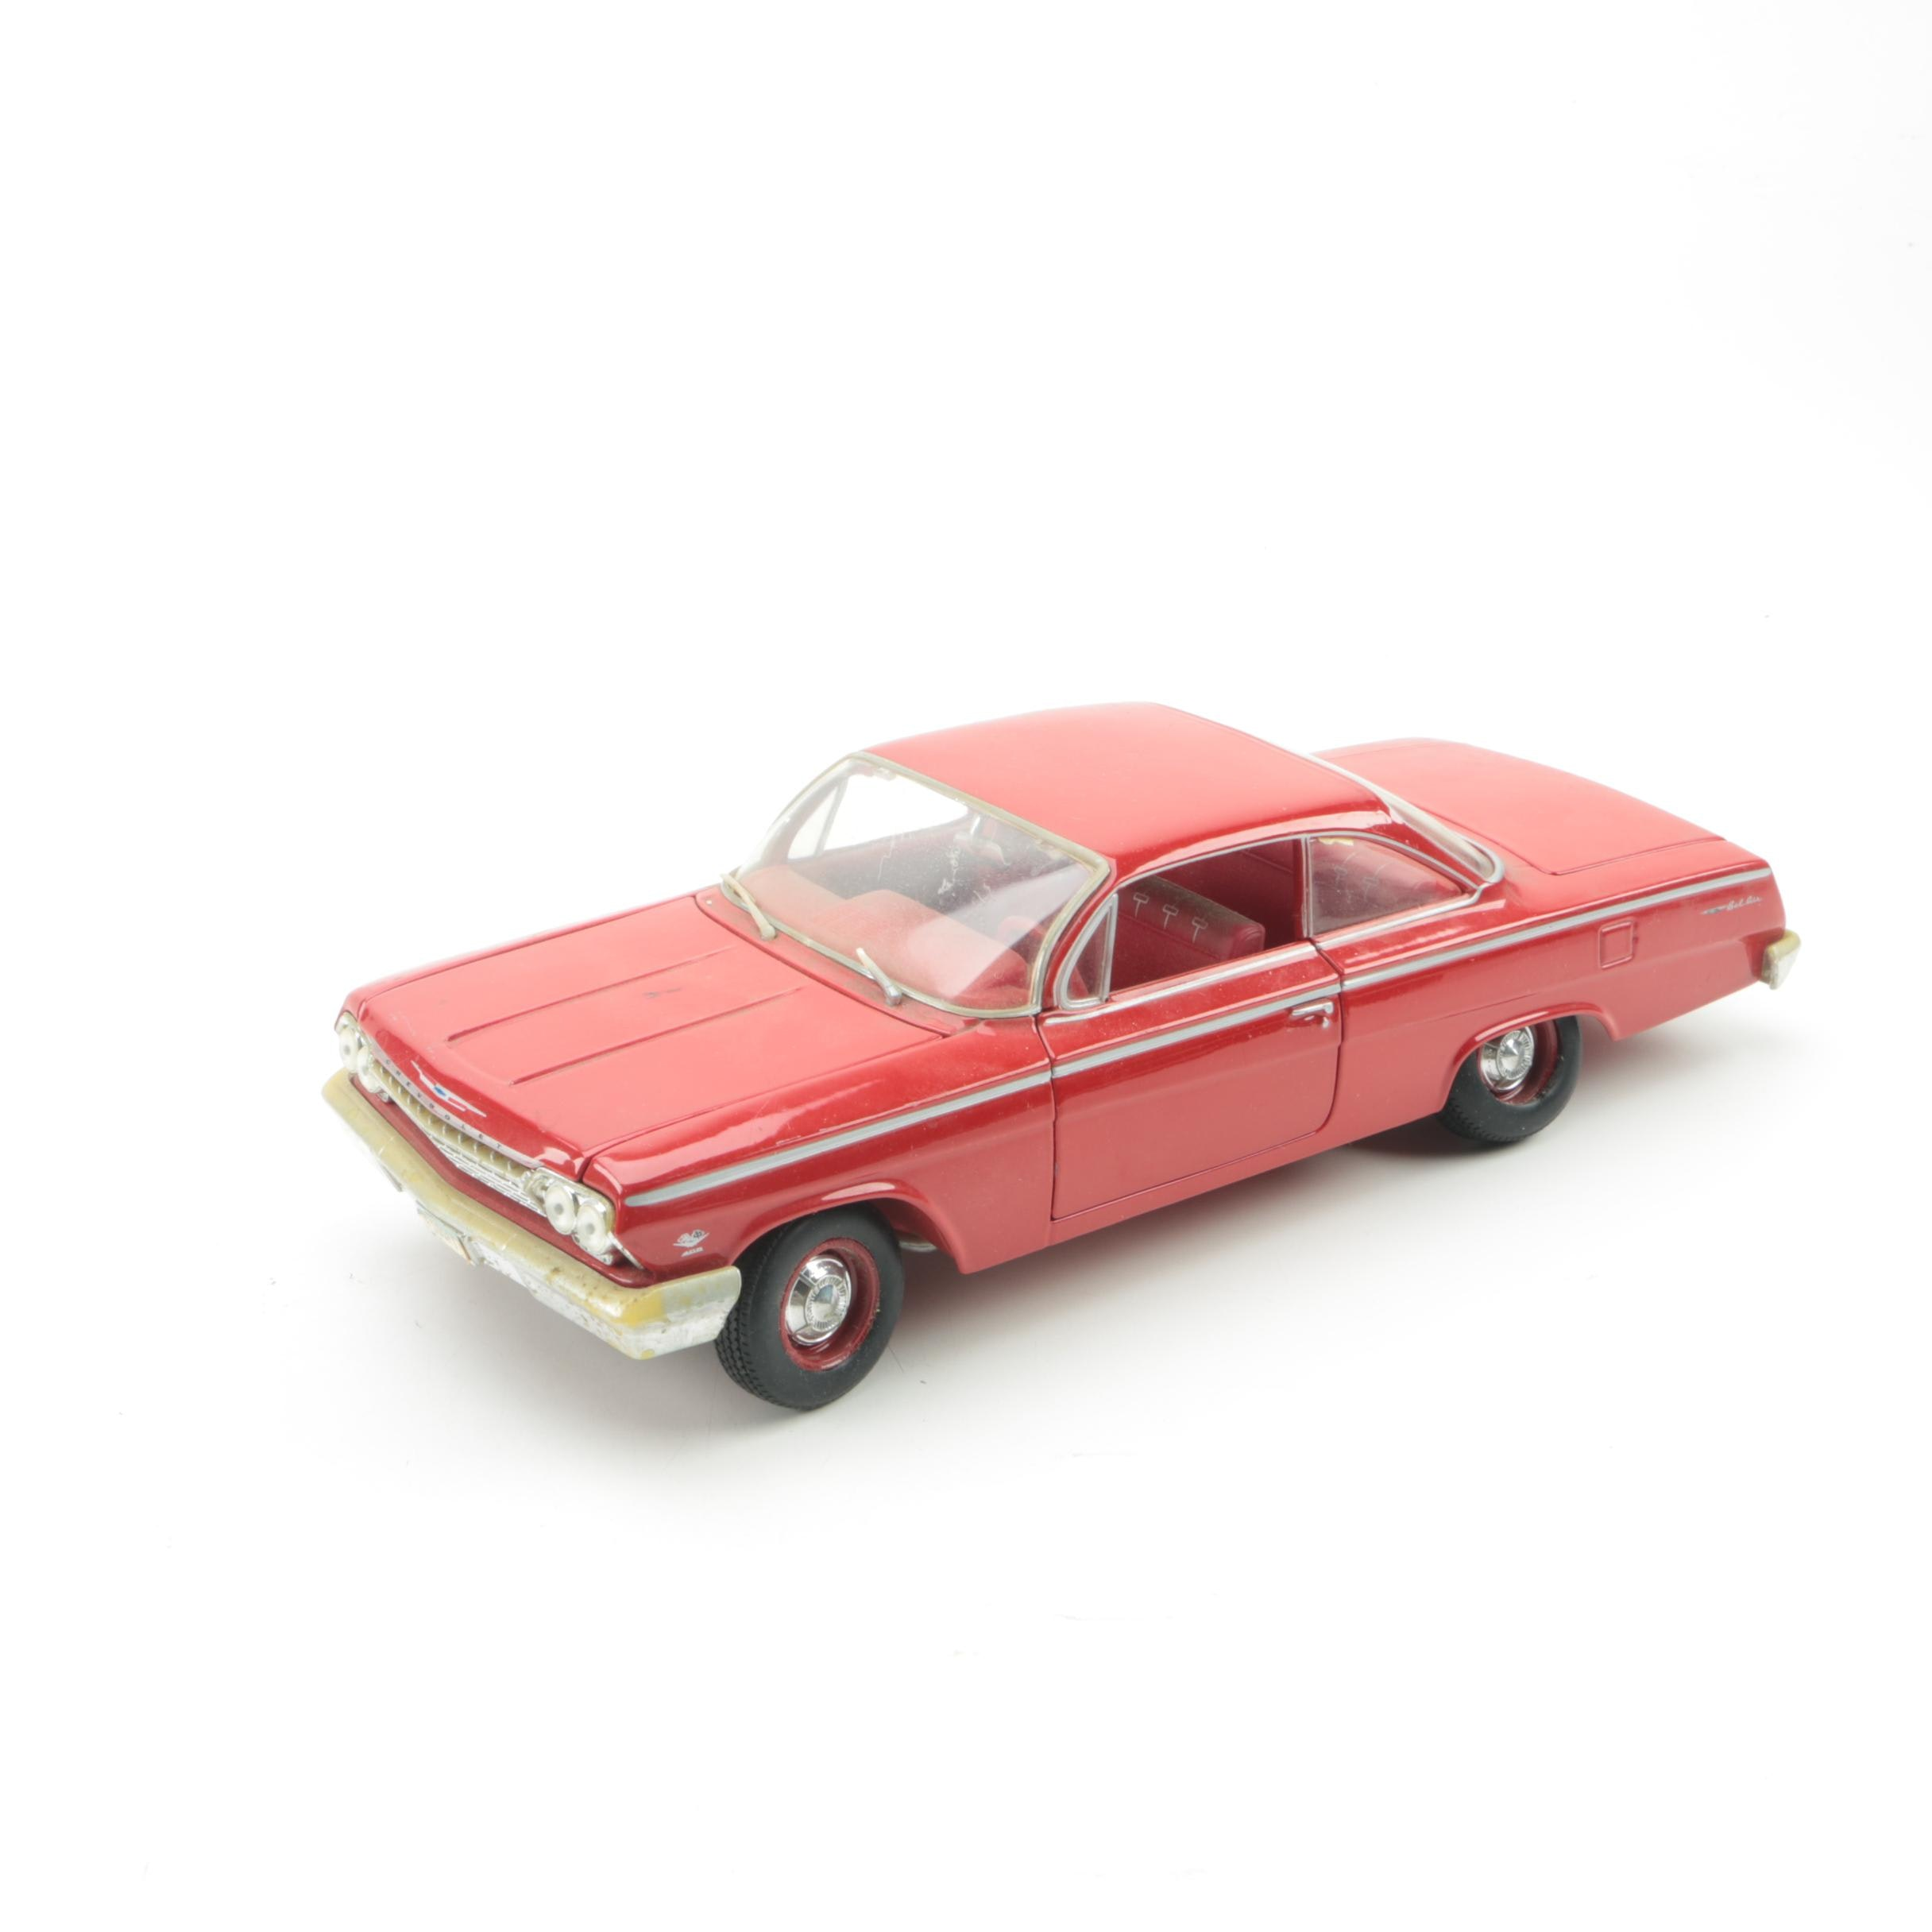 1952 Chevrolet Bel Air Die-Cast Car by Maisto